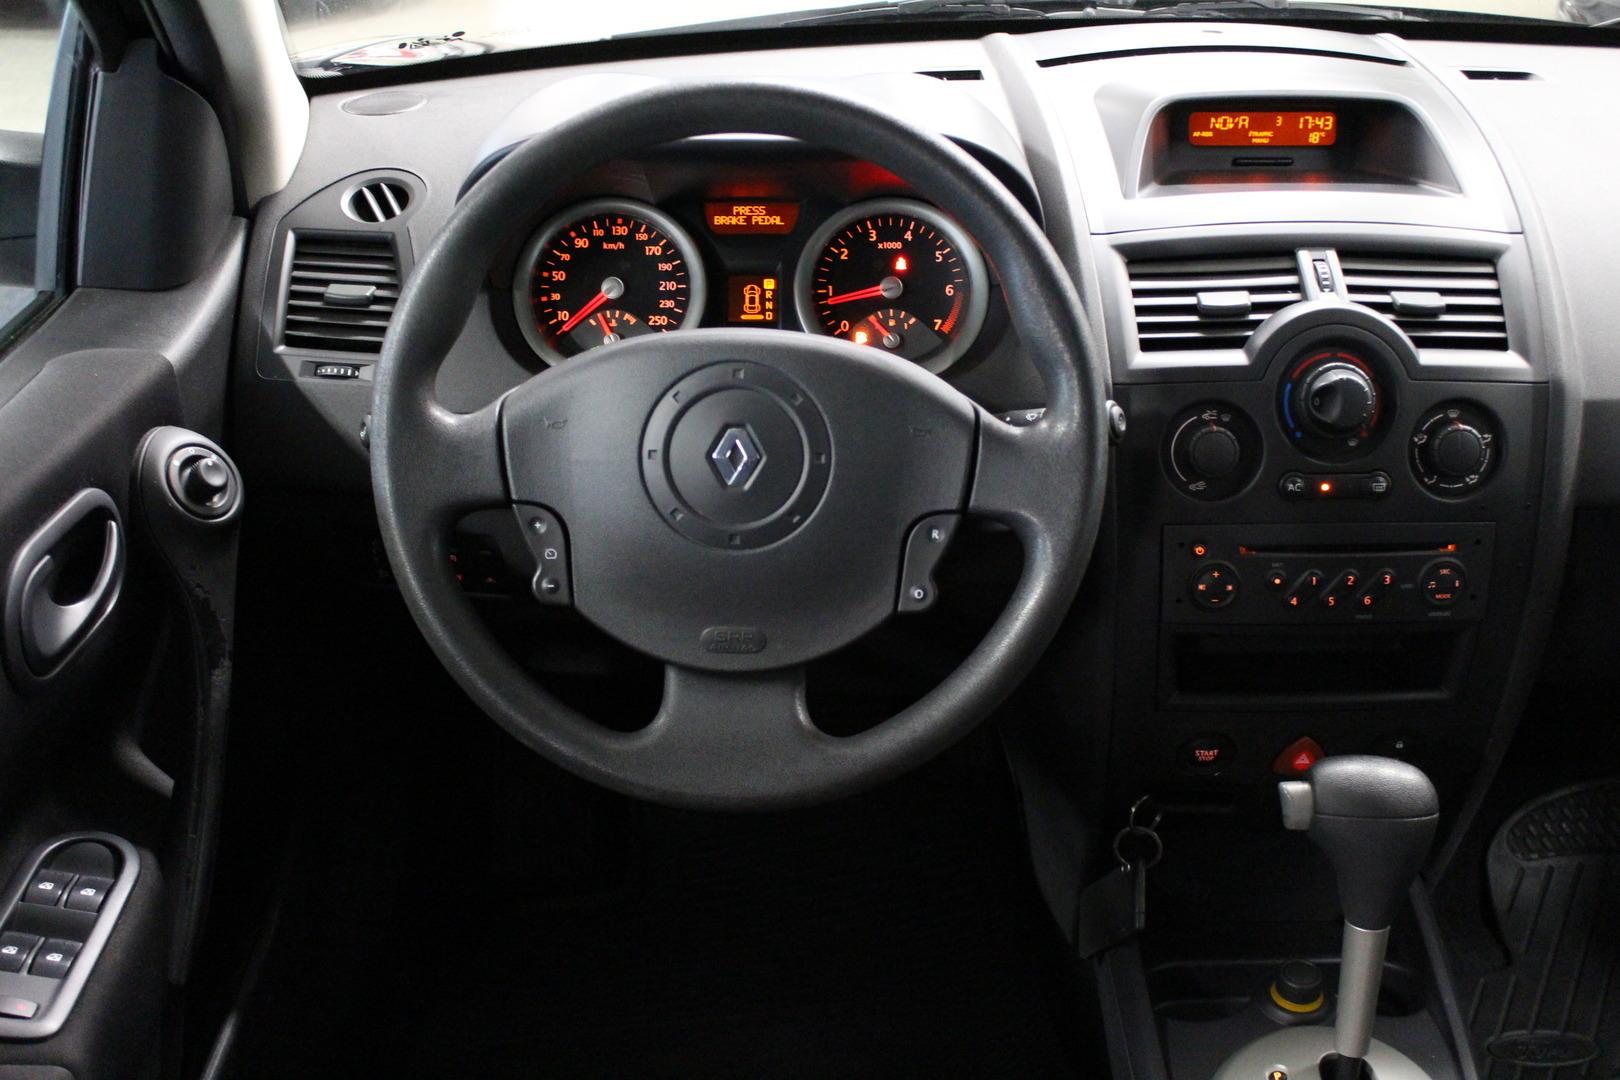 Renault Megane, 1.6 16V Automaatti **Juuri tullut** #Siisti! #Sopivasti #Käsiraha alk.0e